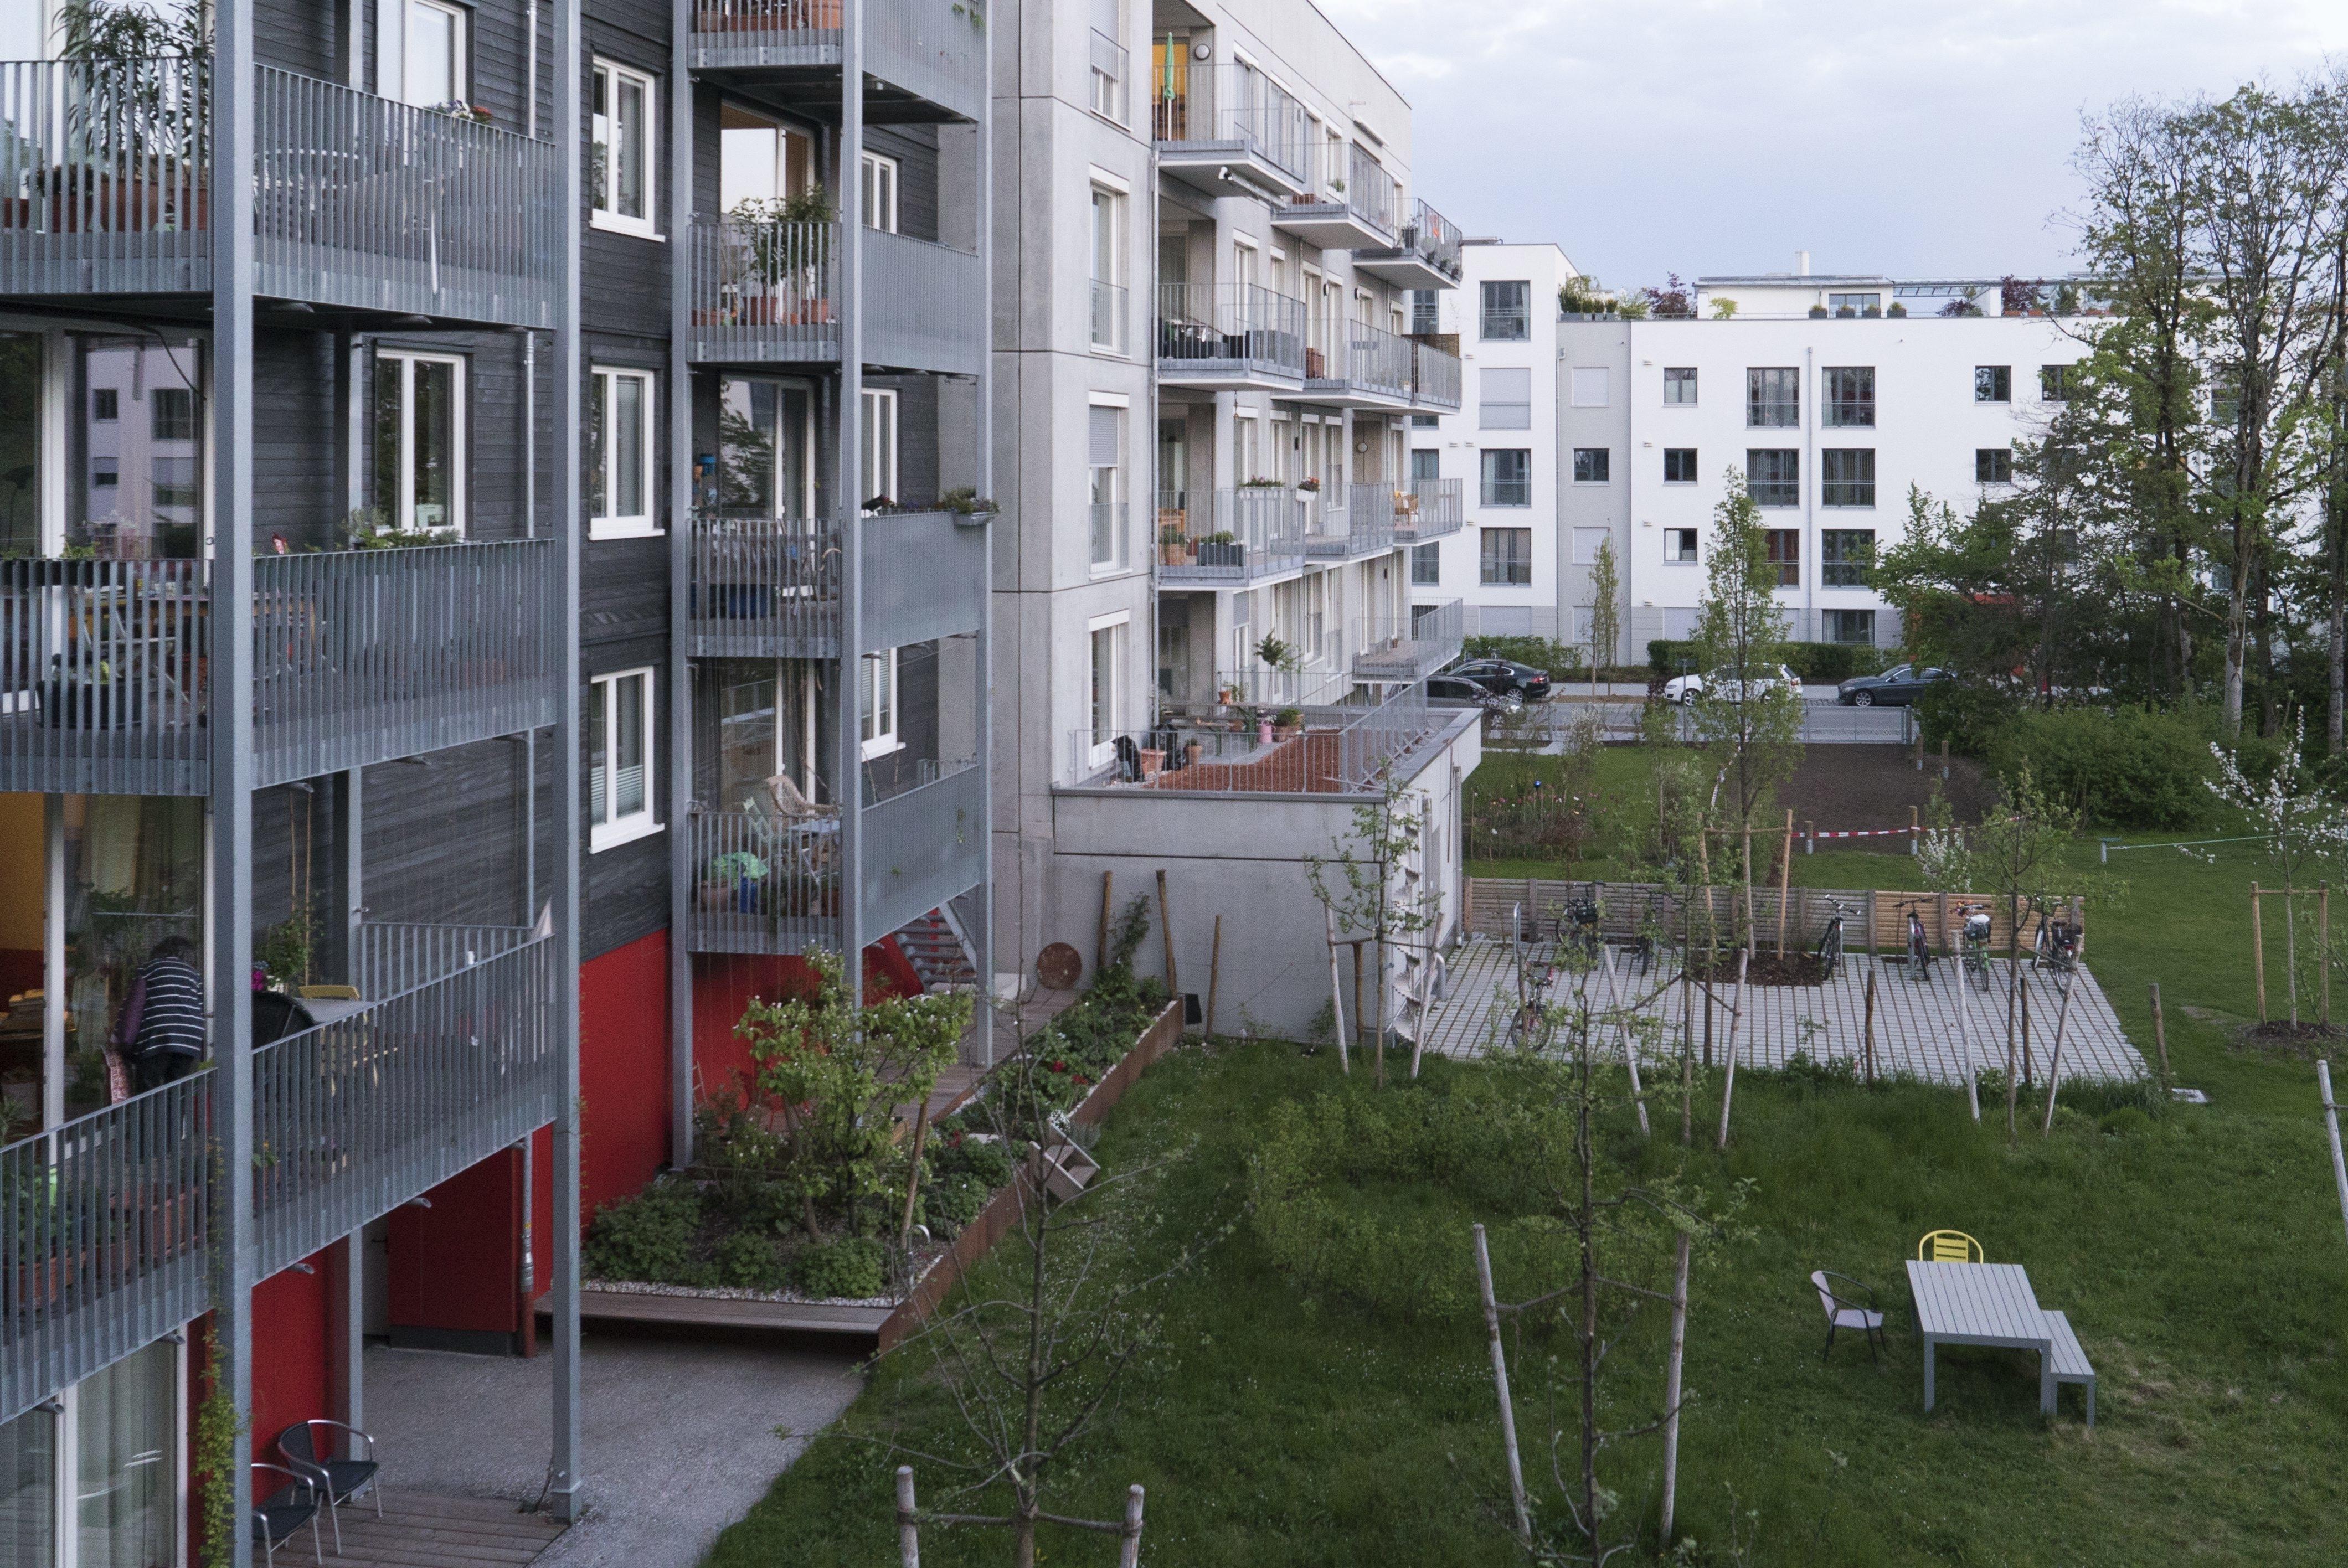 In Bayern sollen laut Staatsregierung Tausende neue Wohnungen mit günstigen Mieten entstehen